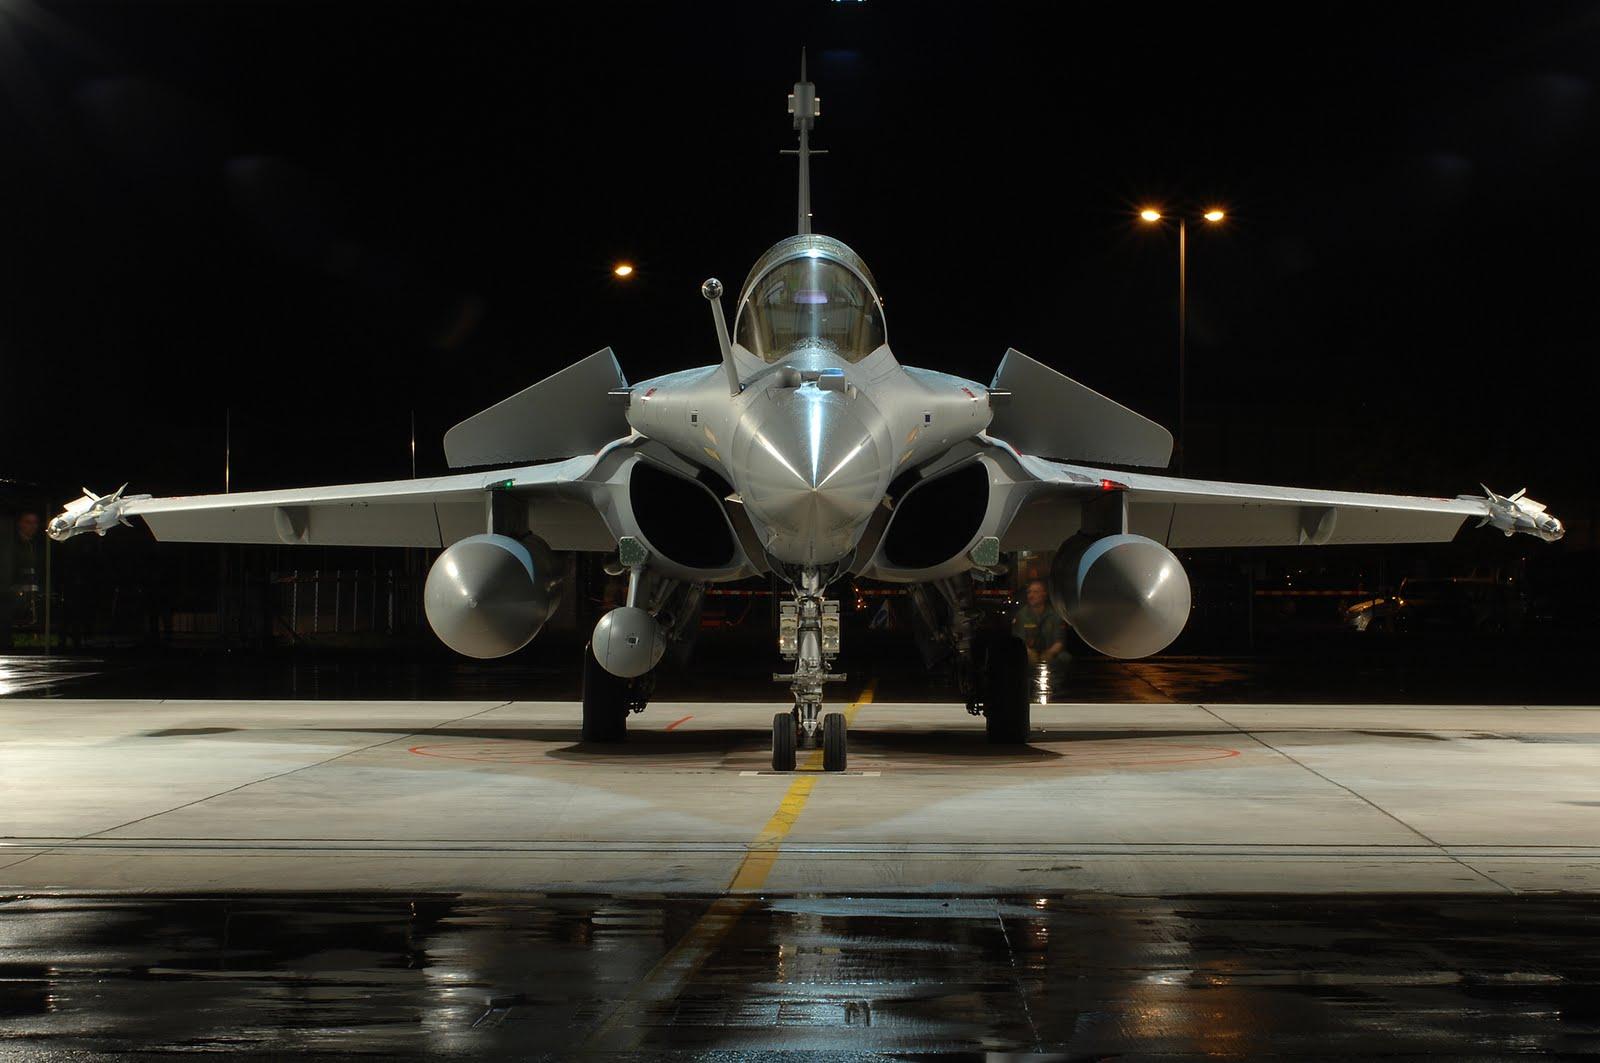 França investe 1 bilhão de euros para modernizar Rafale